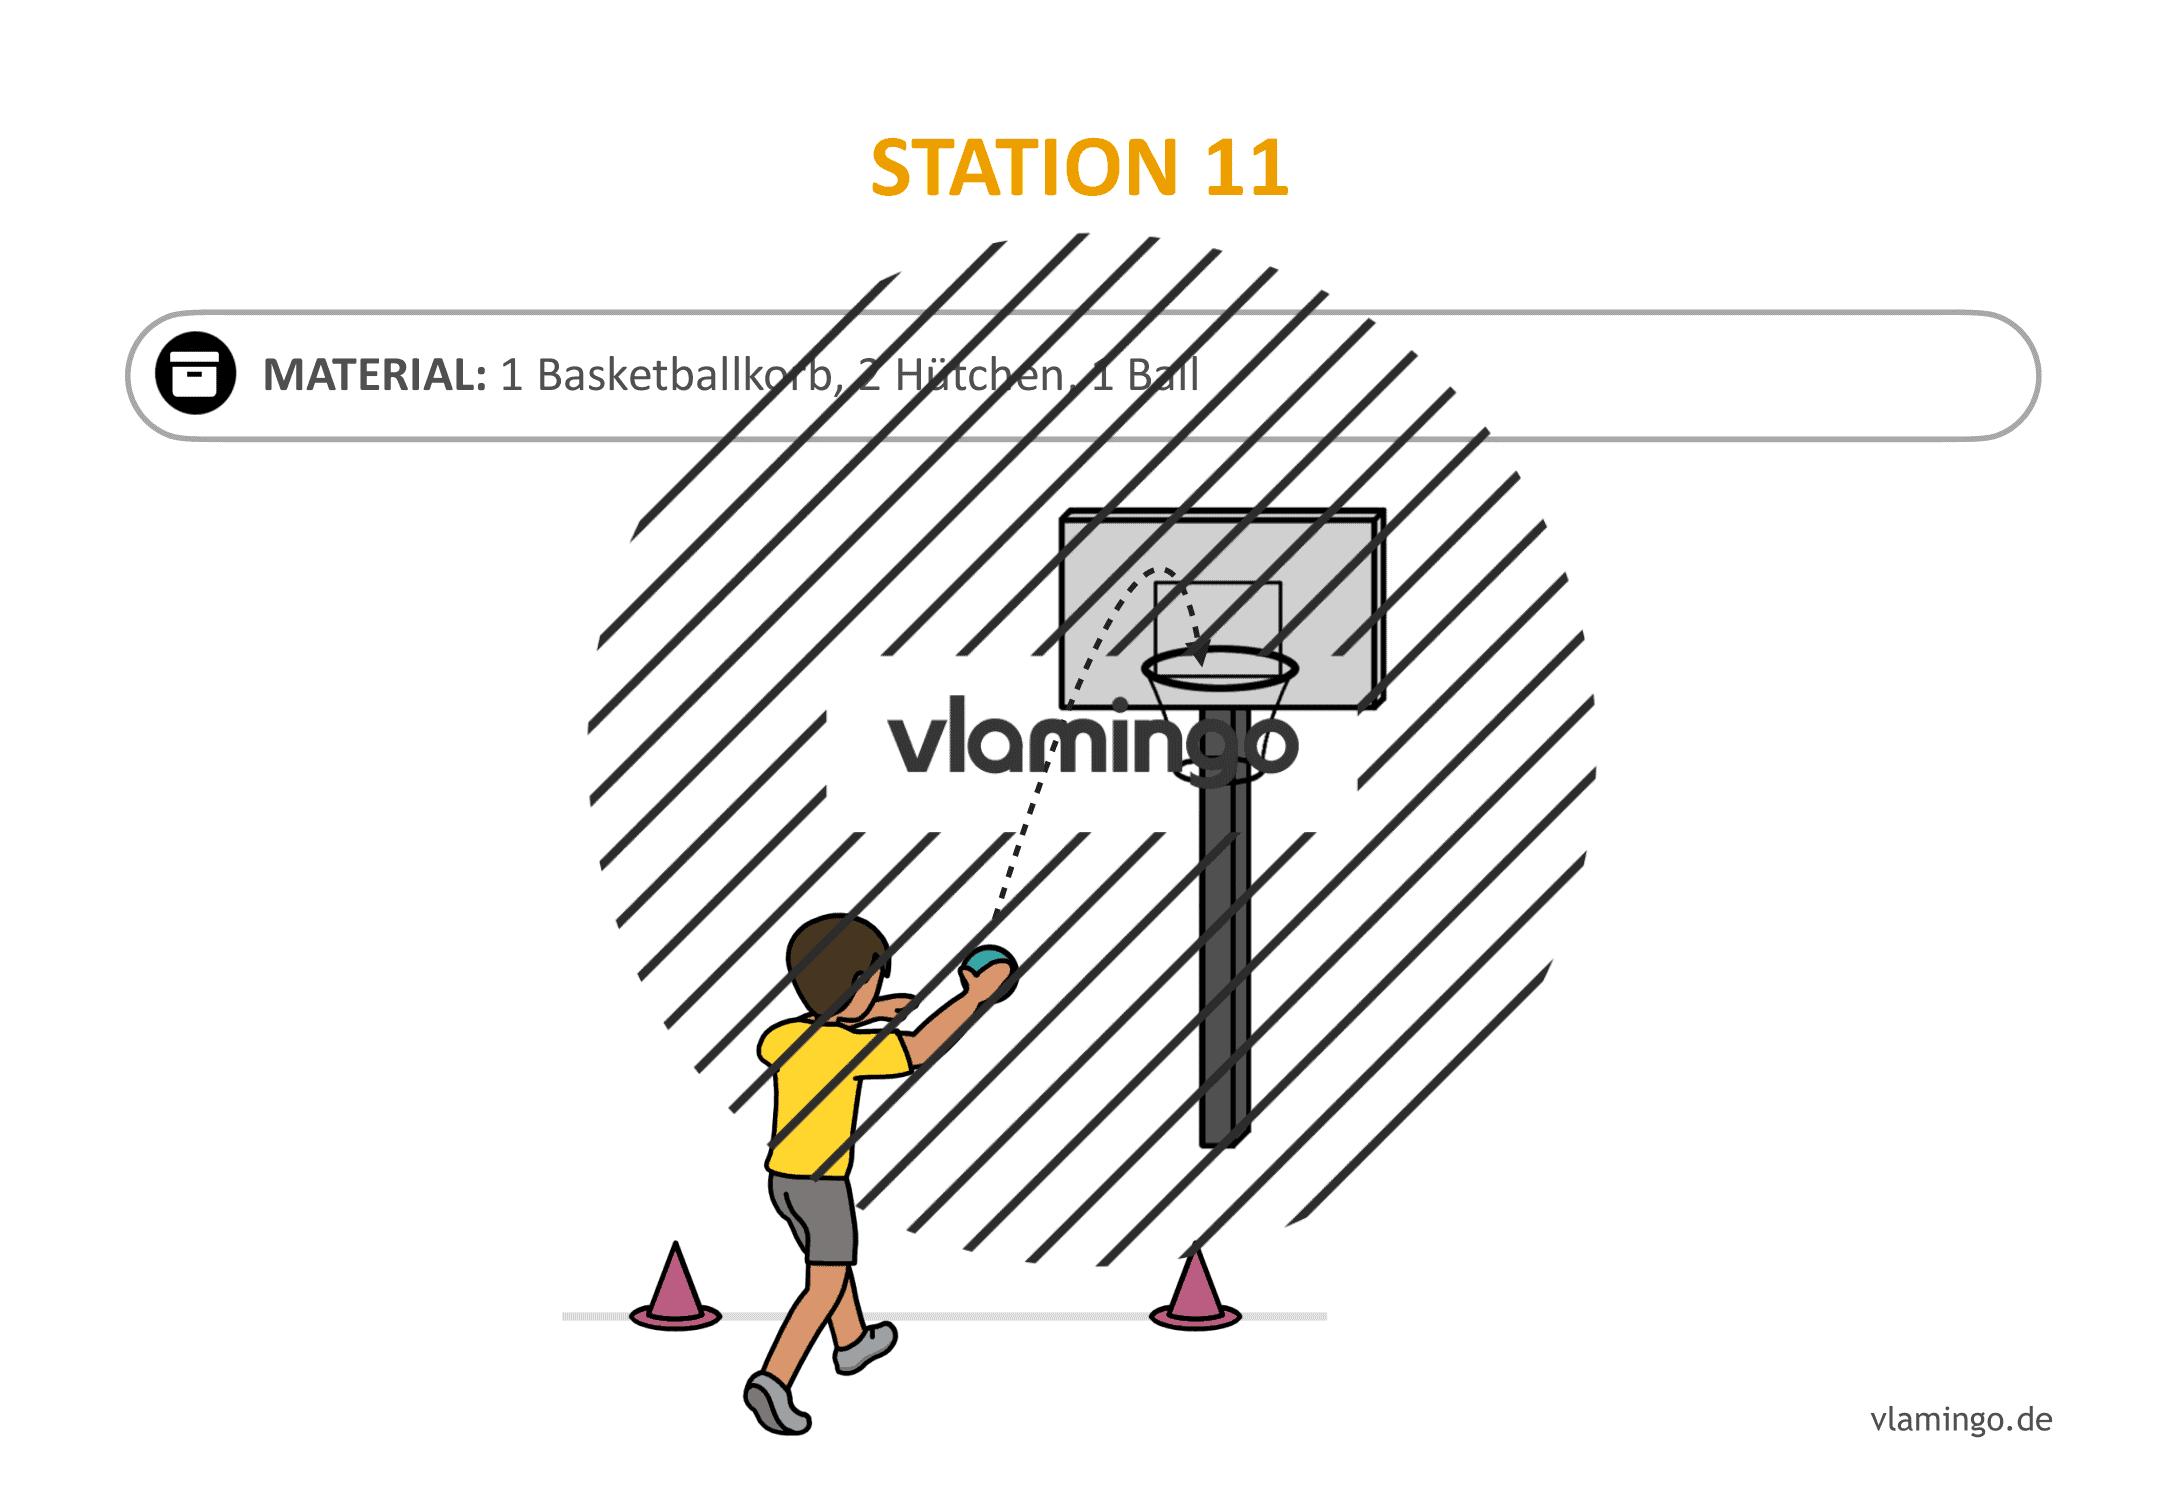 Handballgolf - Station-11